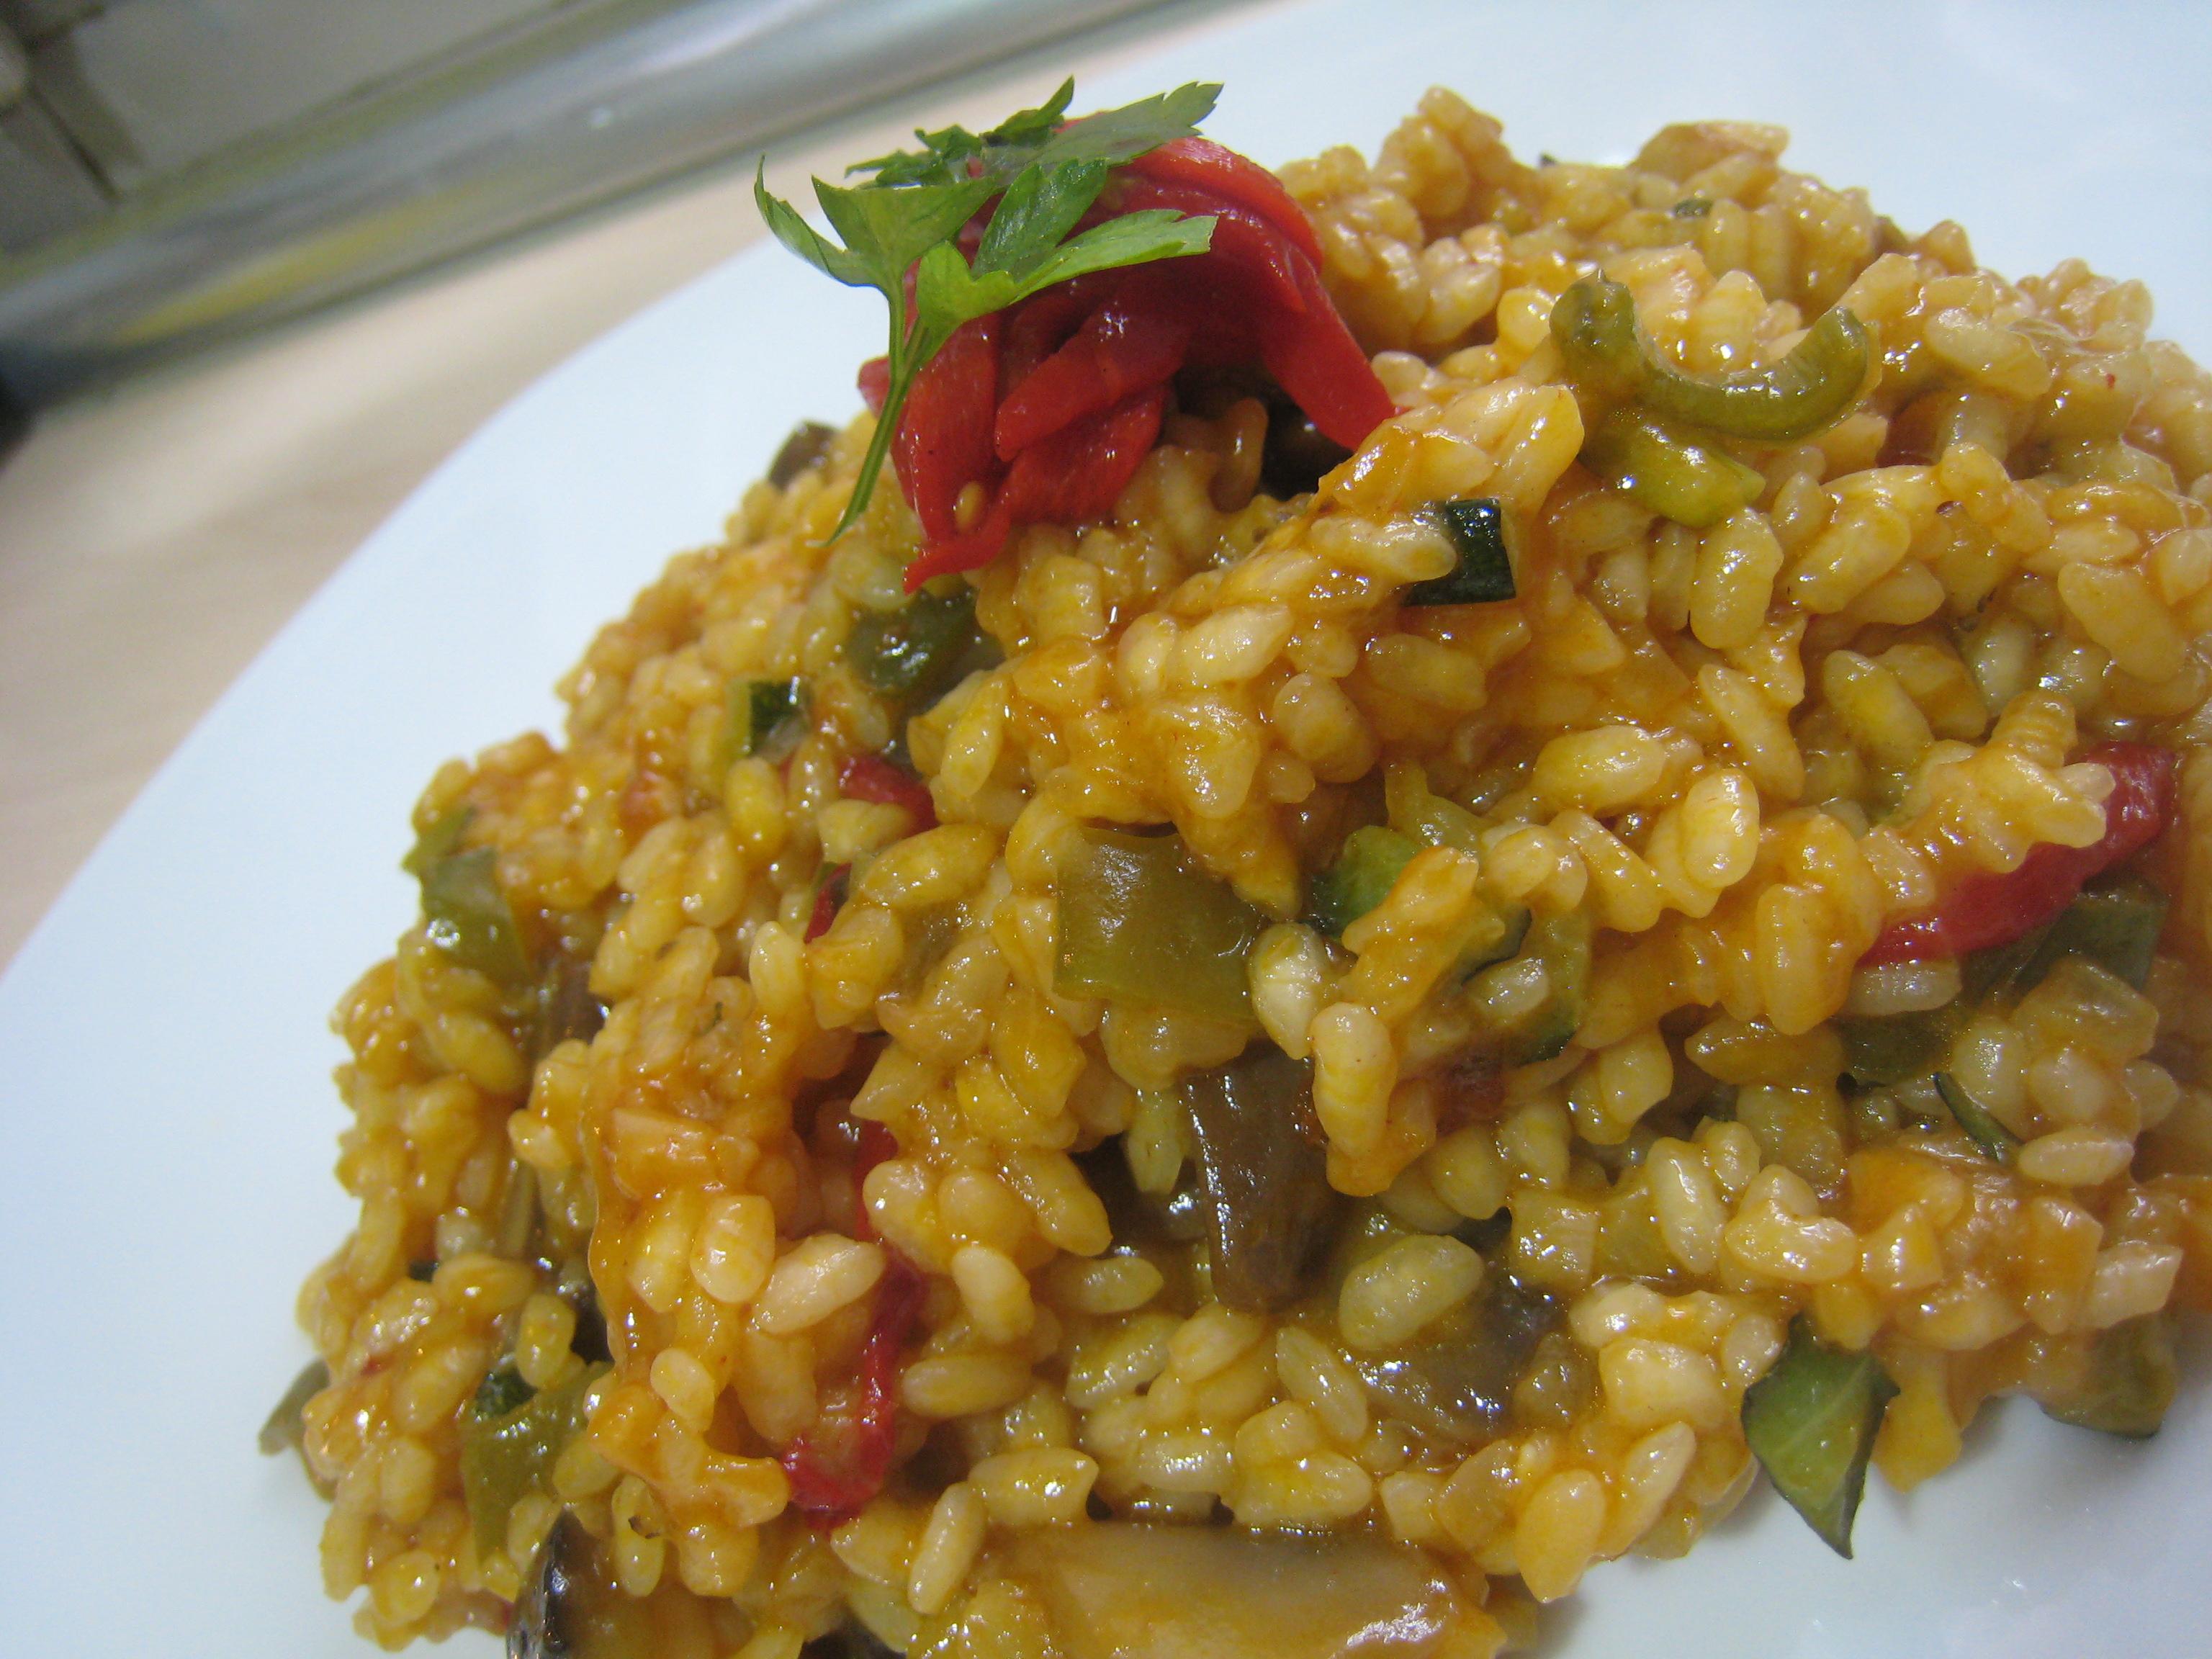 Cinco recetas de arroz fciles ricas y baratas  Cocina